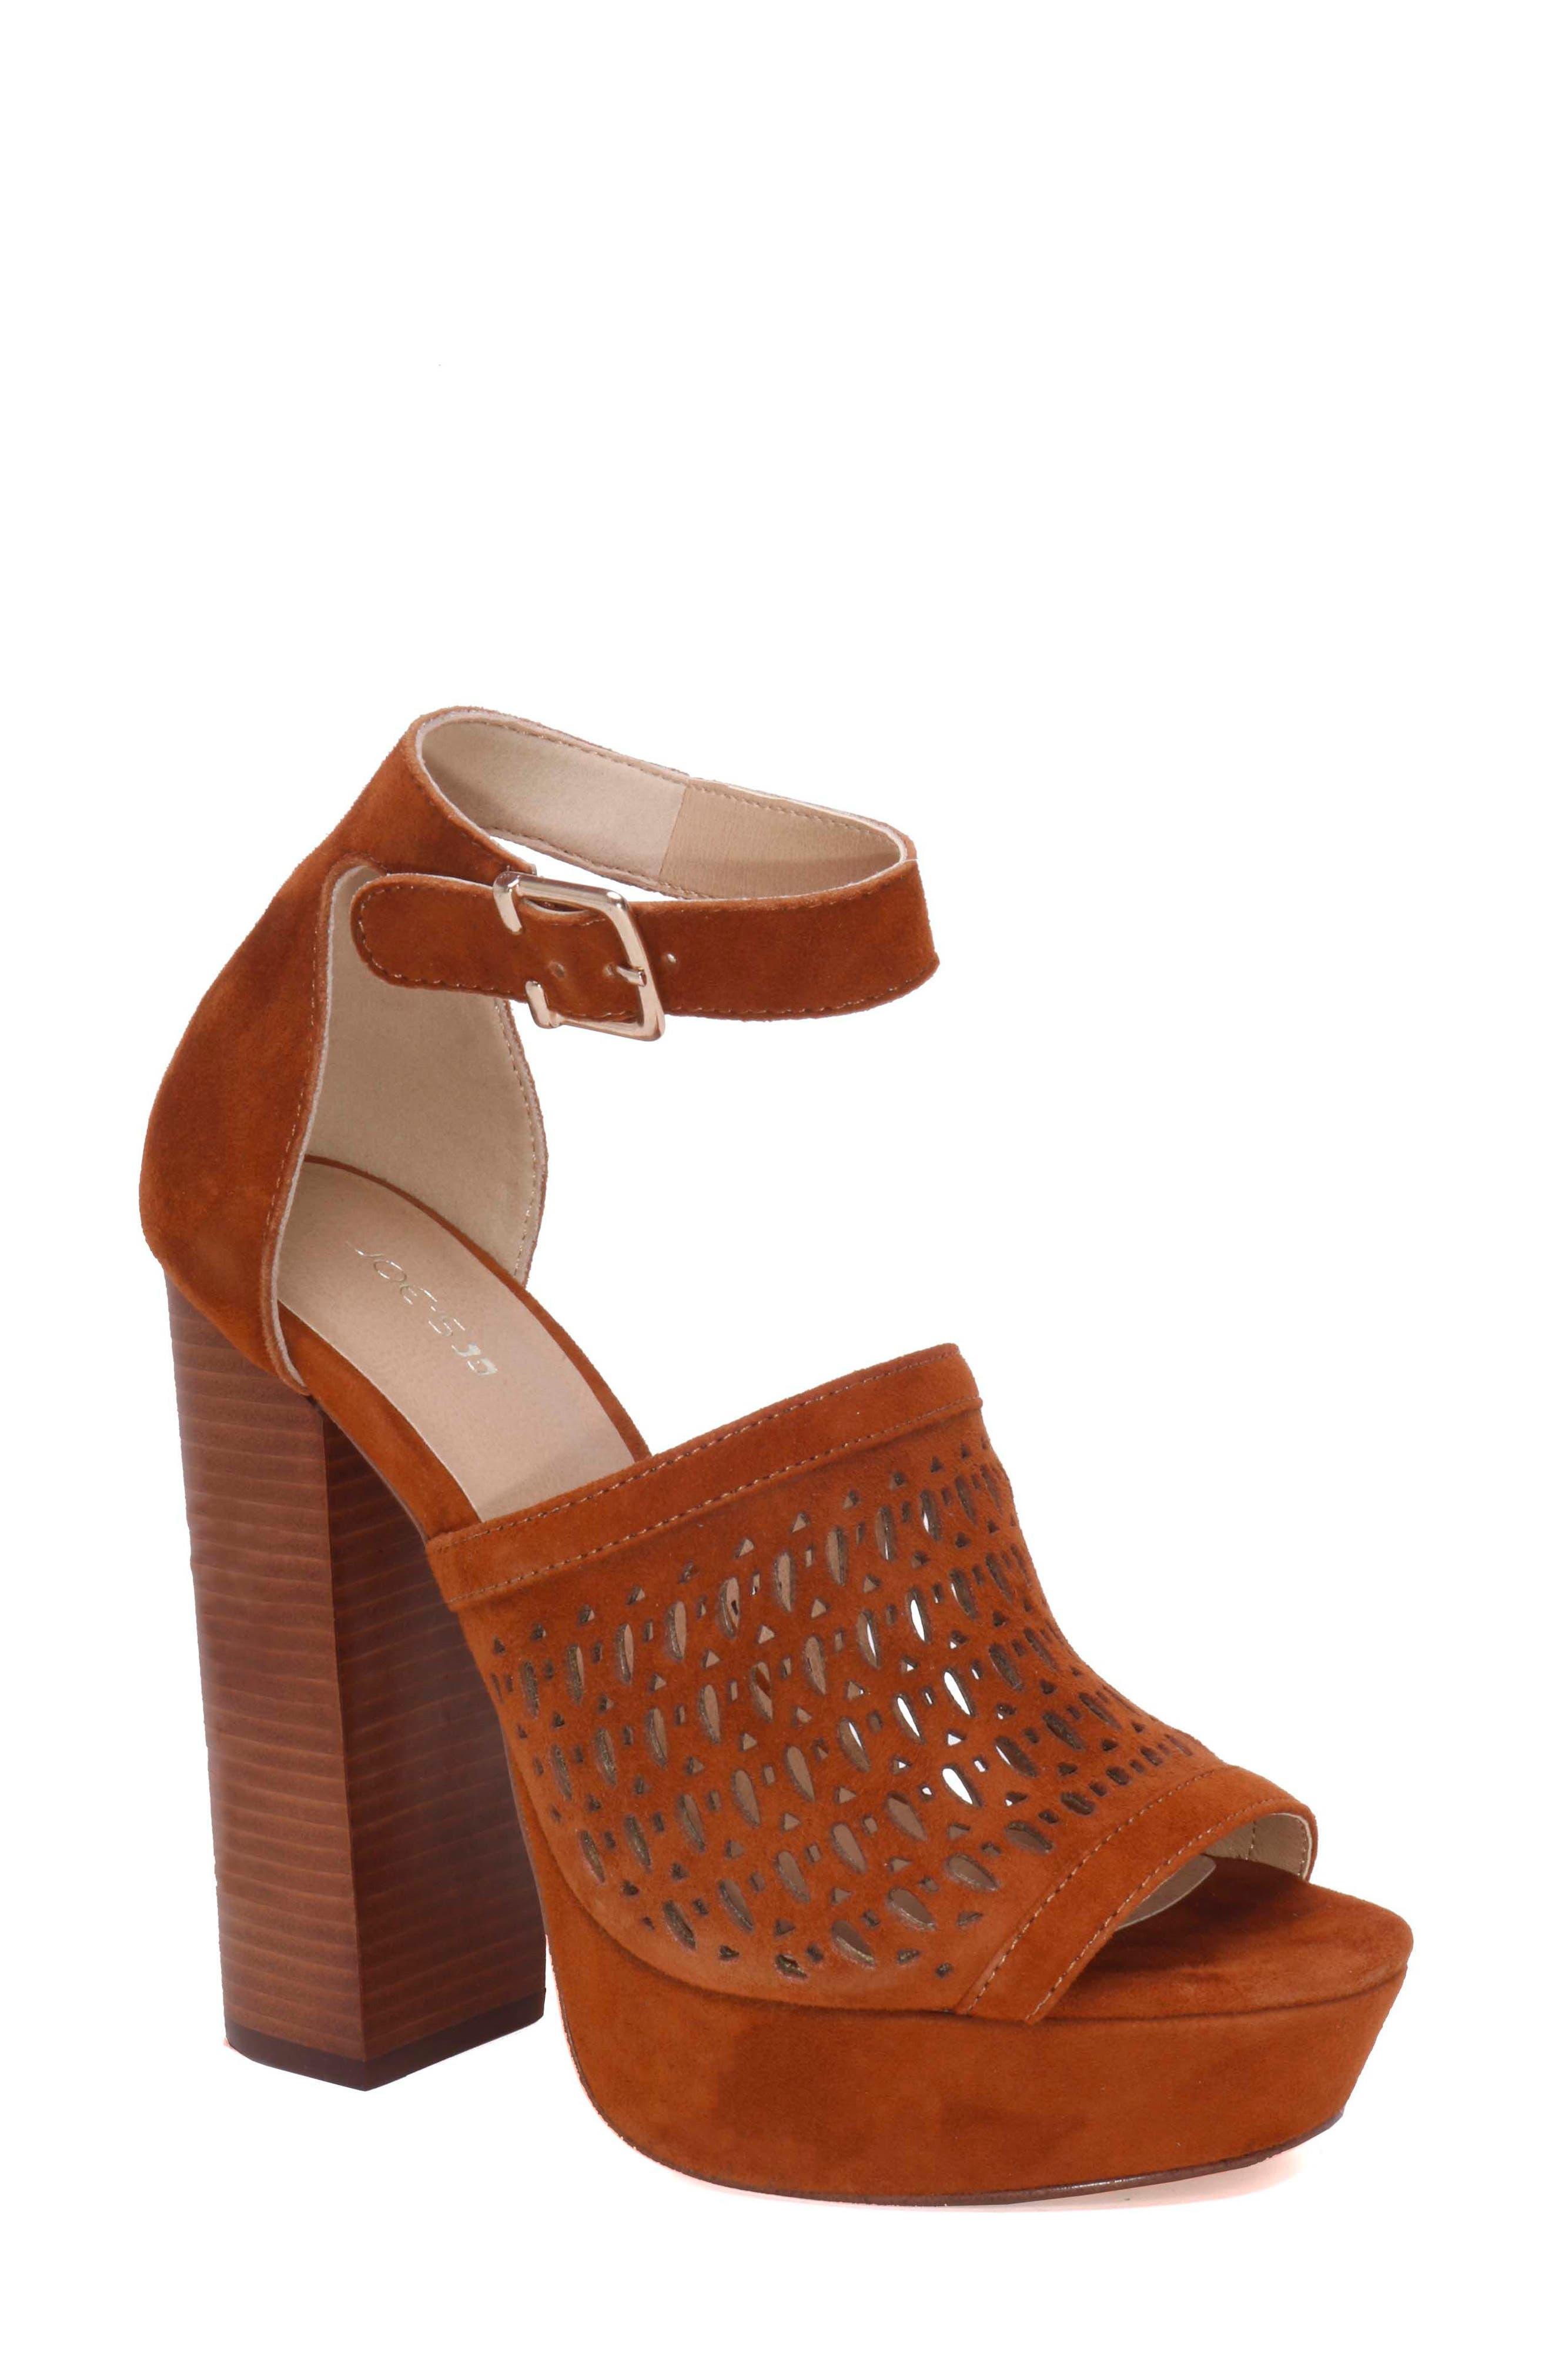 Lorne Platform Sandal,                         Main,                         color, Camel Suede